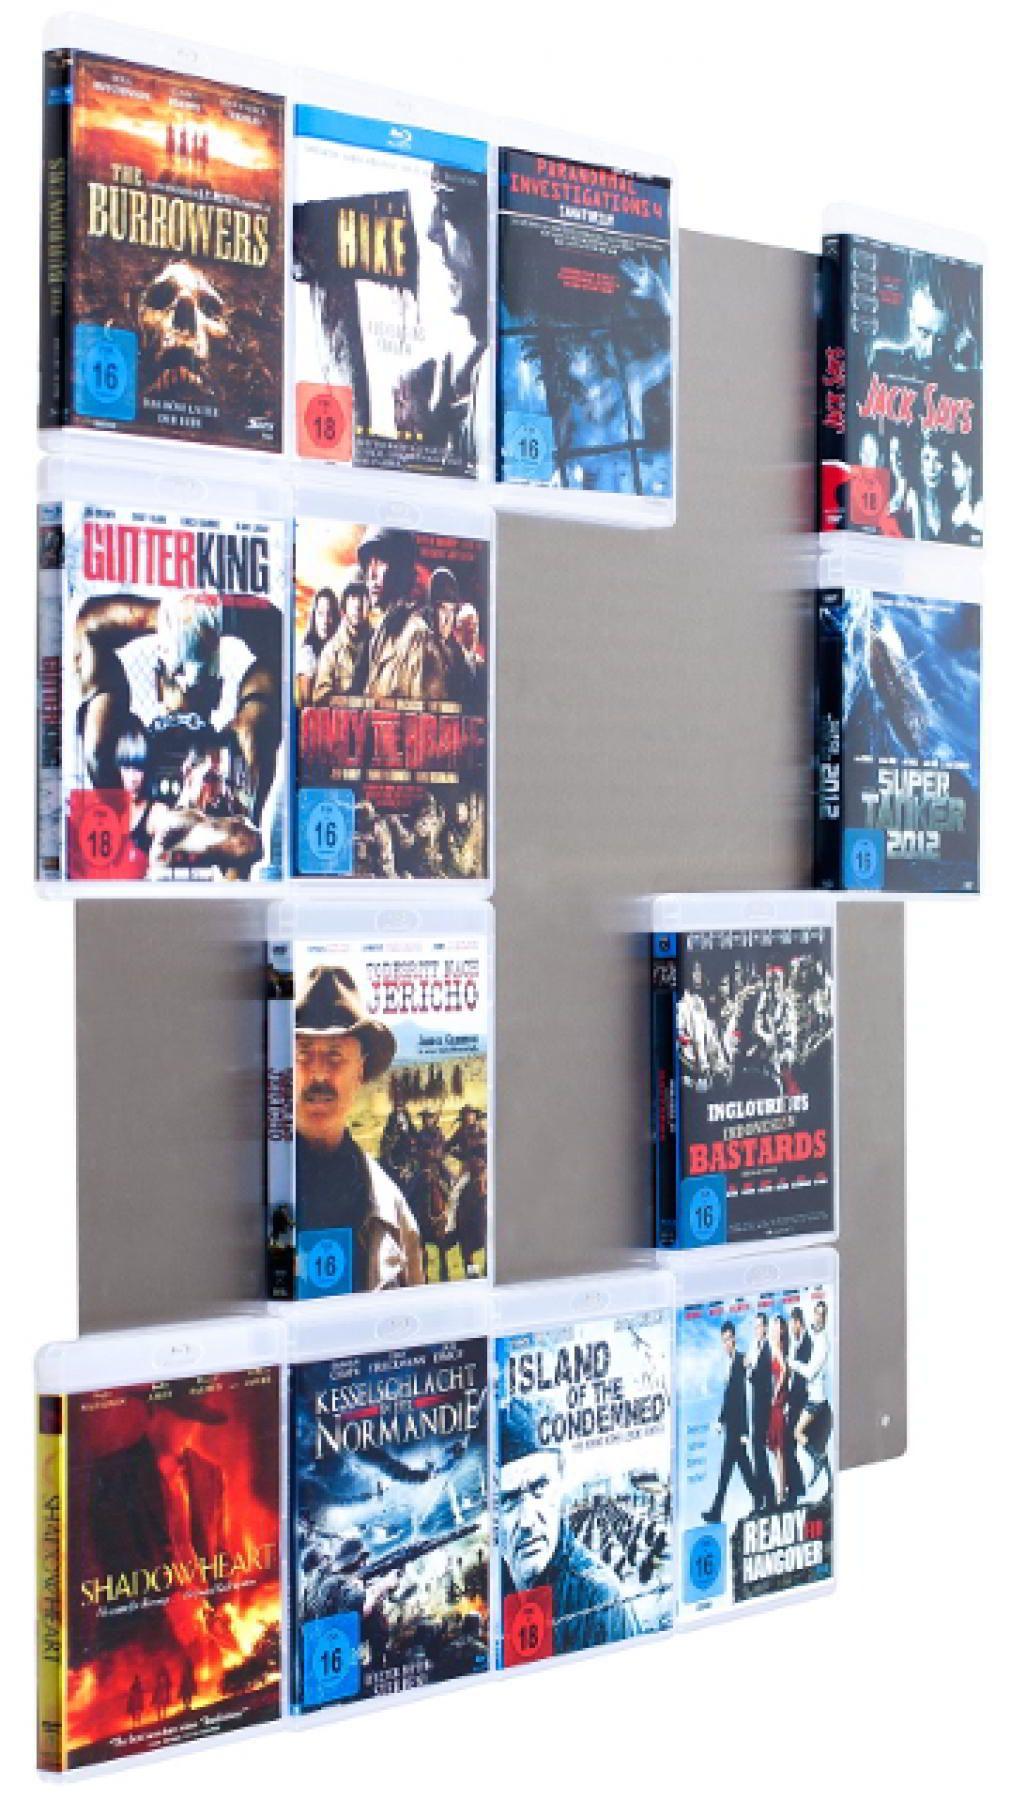 Full Size of Blu Ray Regal Bluray Wall5x4 Wandregal Regale Hamburg Eiche Vorratsraum String Pocket Kisten Schreibtisch Raumtrenner Industrie 25 Cm Tief Glasböden Glasregal Regal Blu Ray Regal